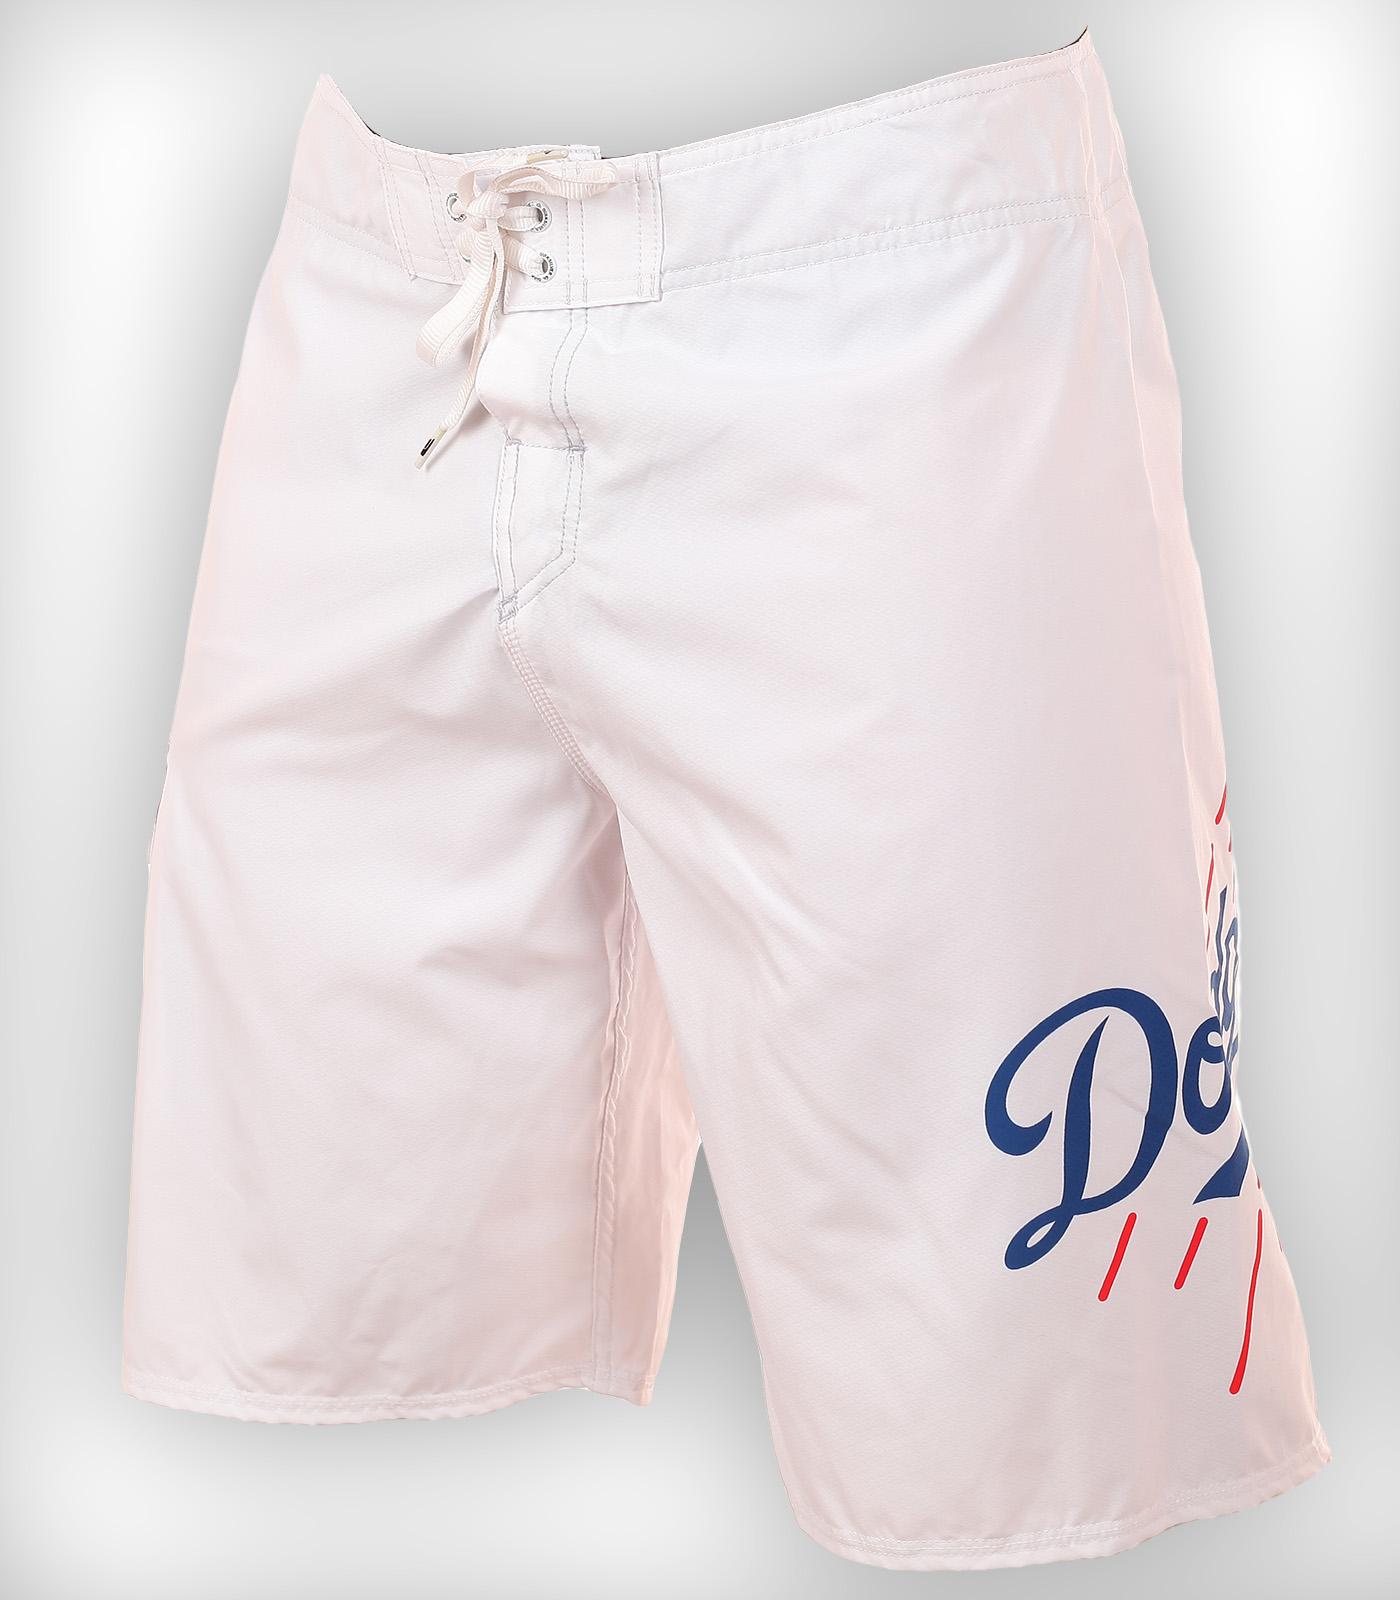 Белые бордшорты с логотипом бейсбольного клуба Los Angeles Dodgers